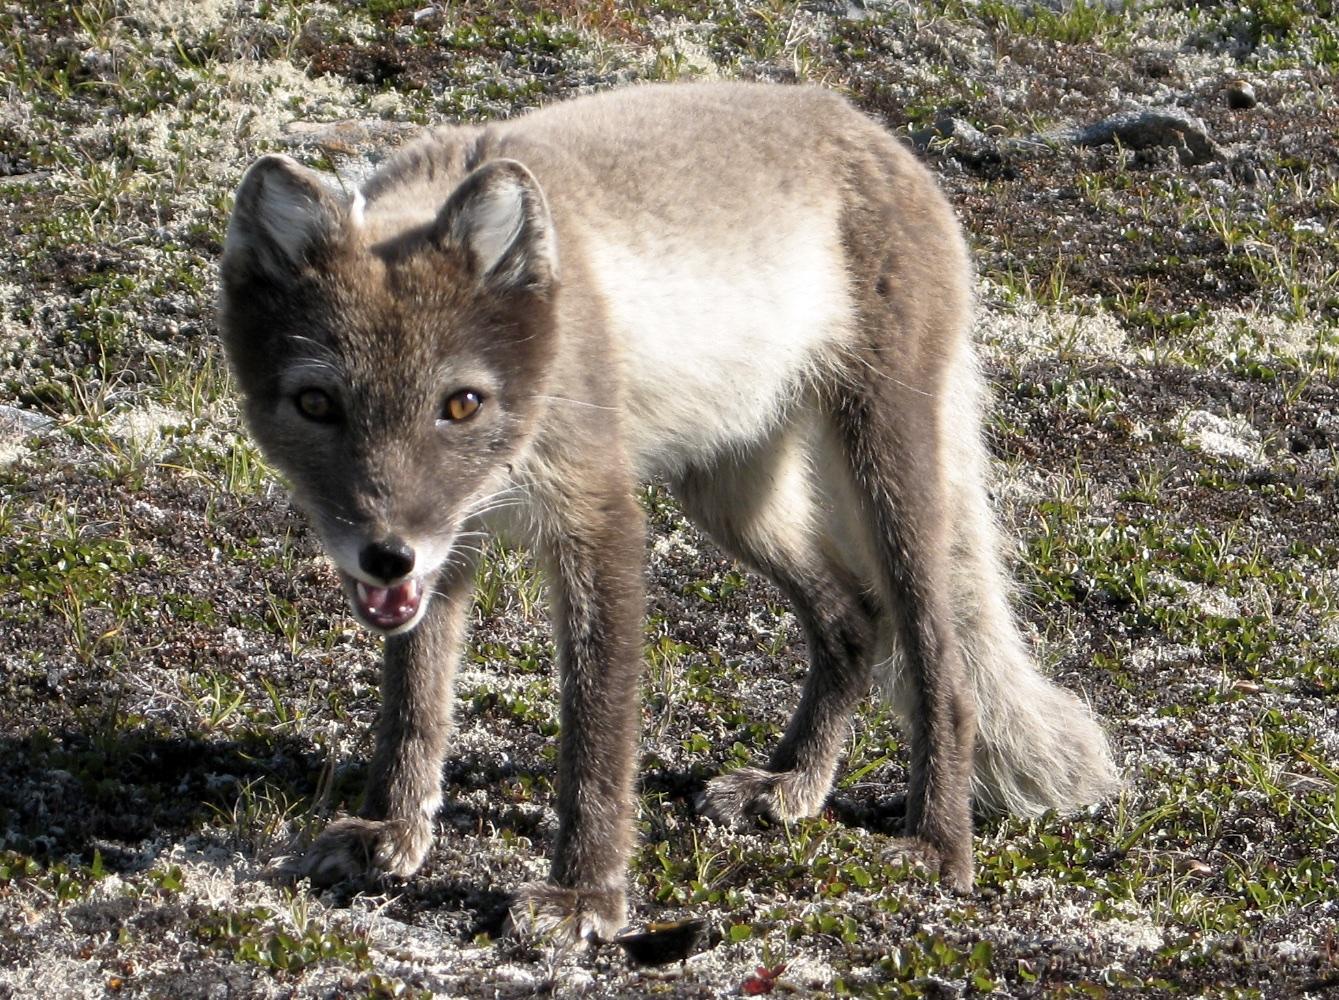 A curious Arctic fox in its summer coat